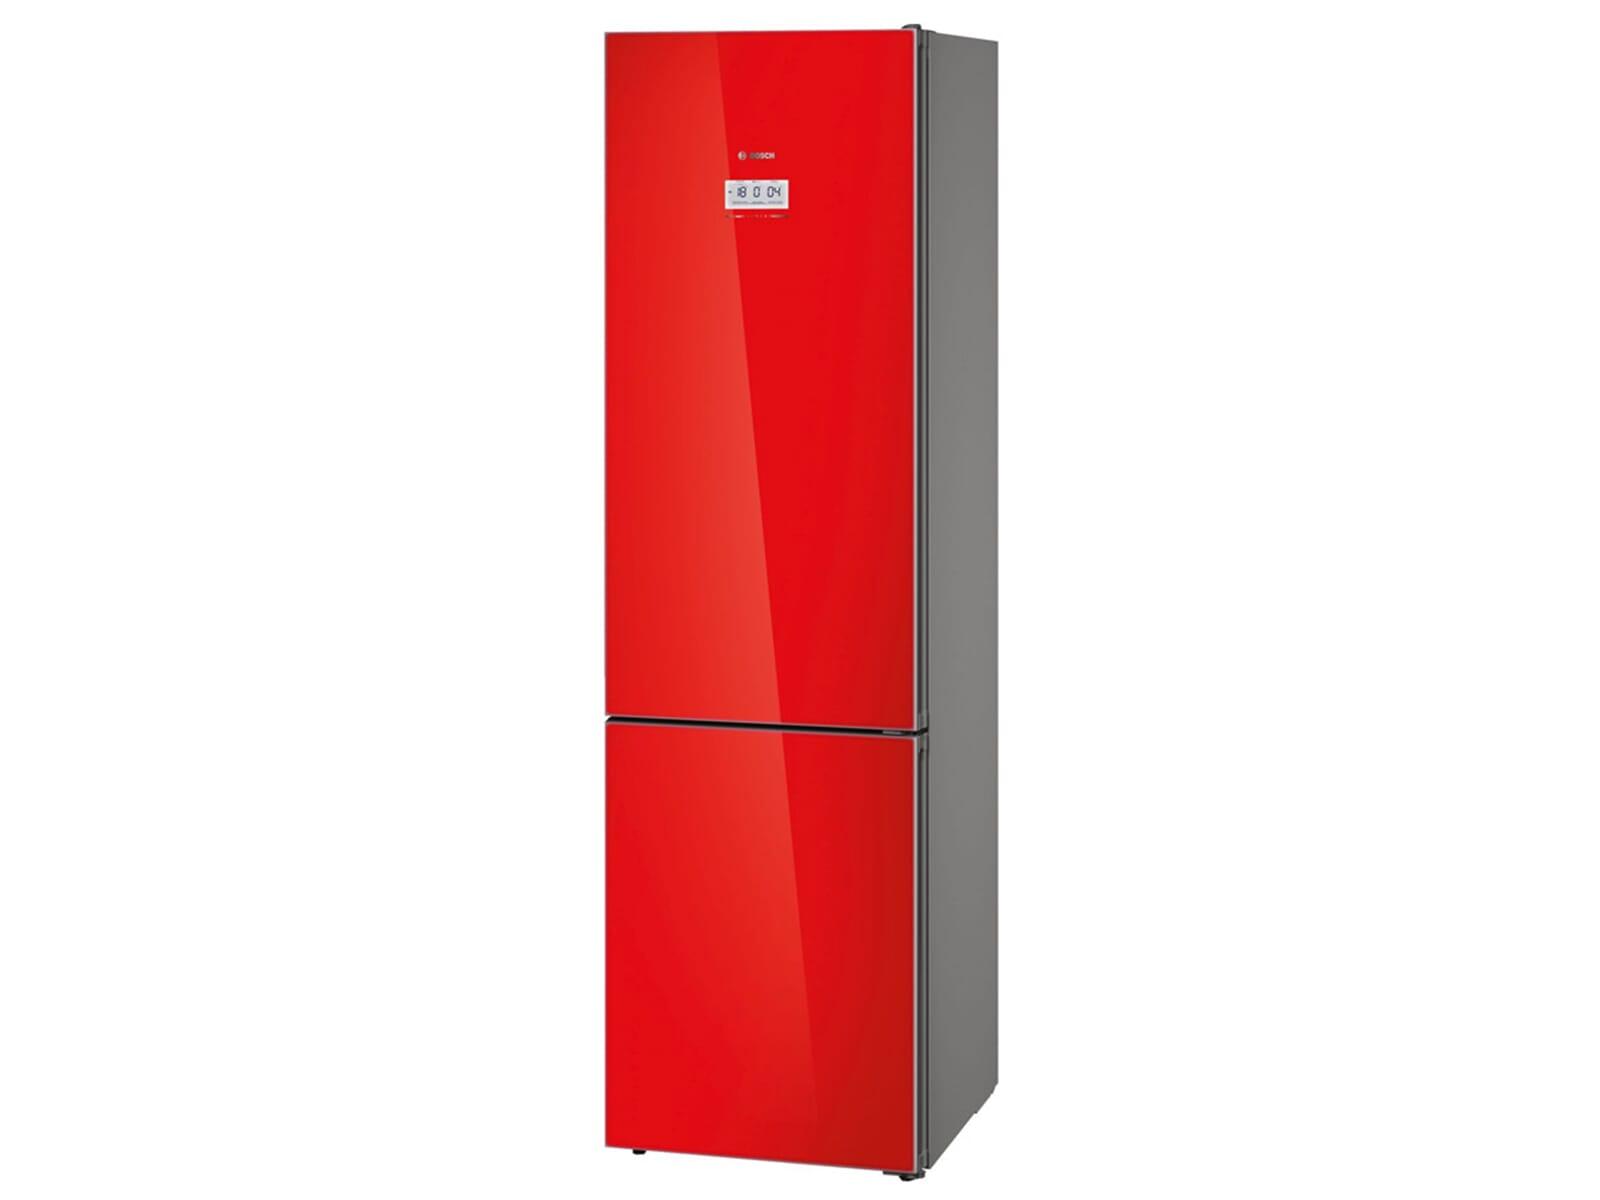 Bosch Kühlschrank Griff : Bosch kgf sr kühl gefrierkombination rot